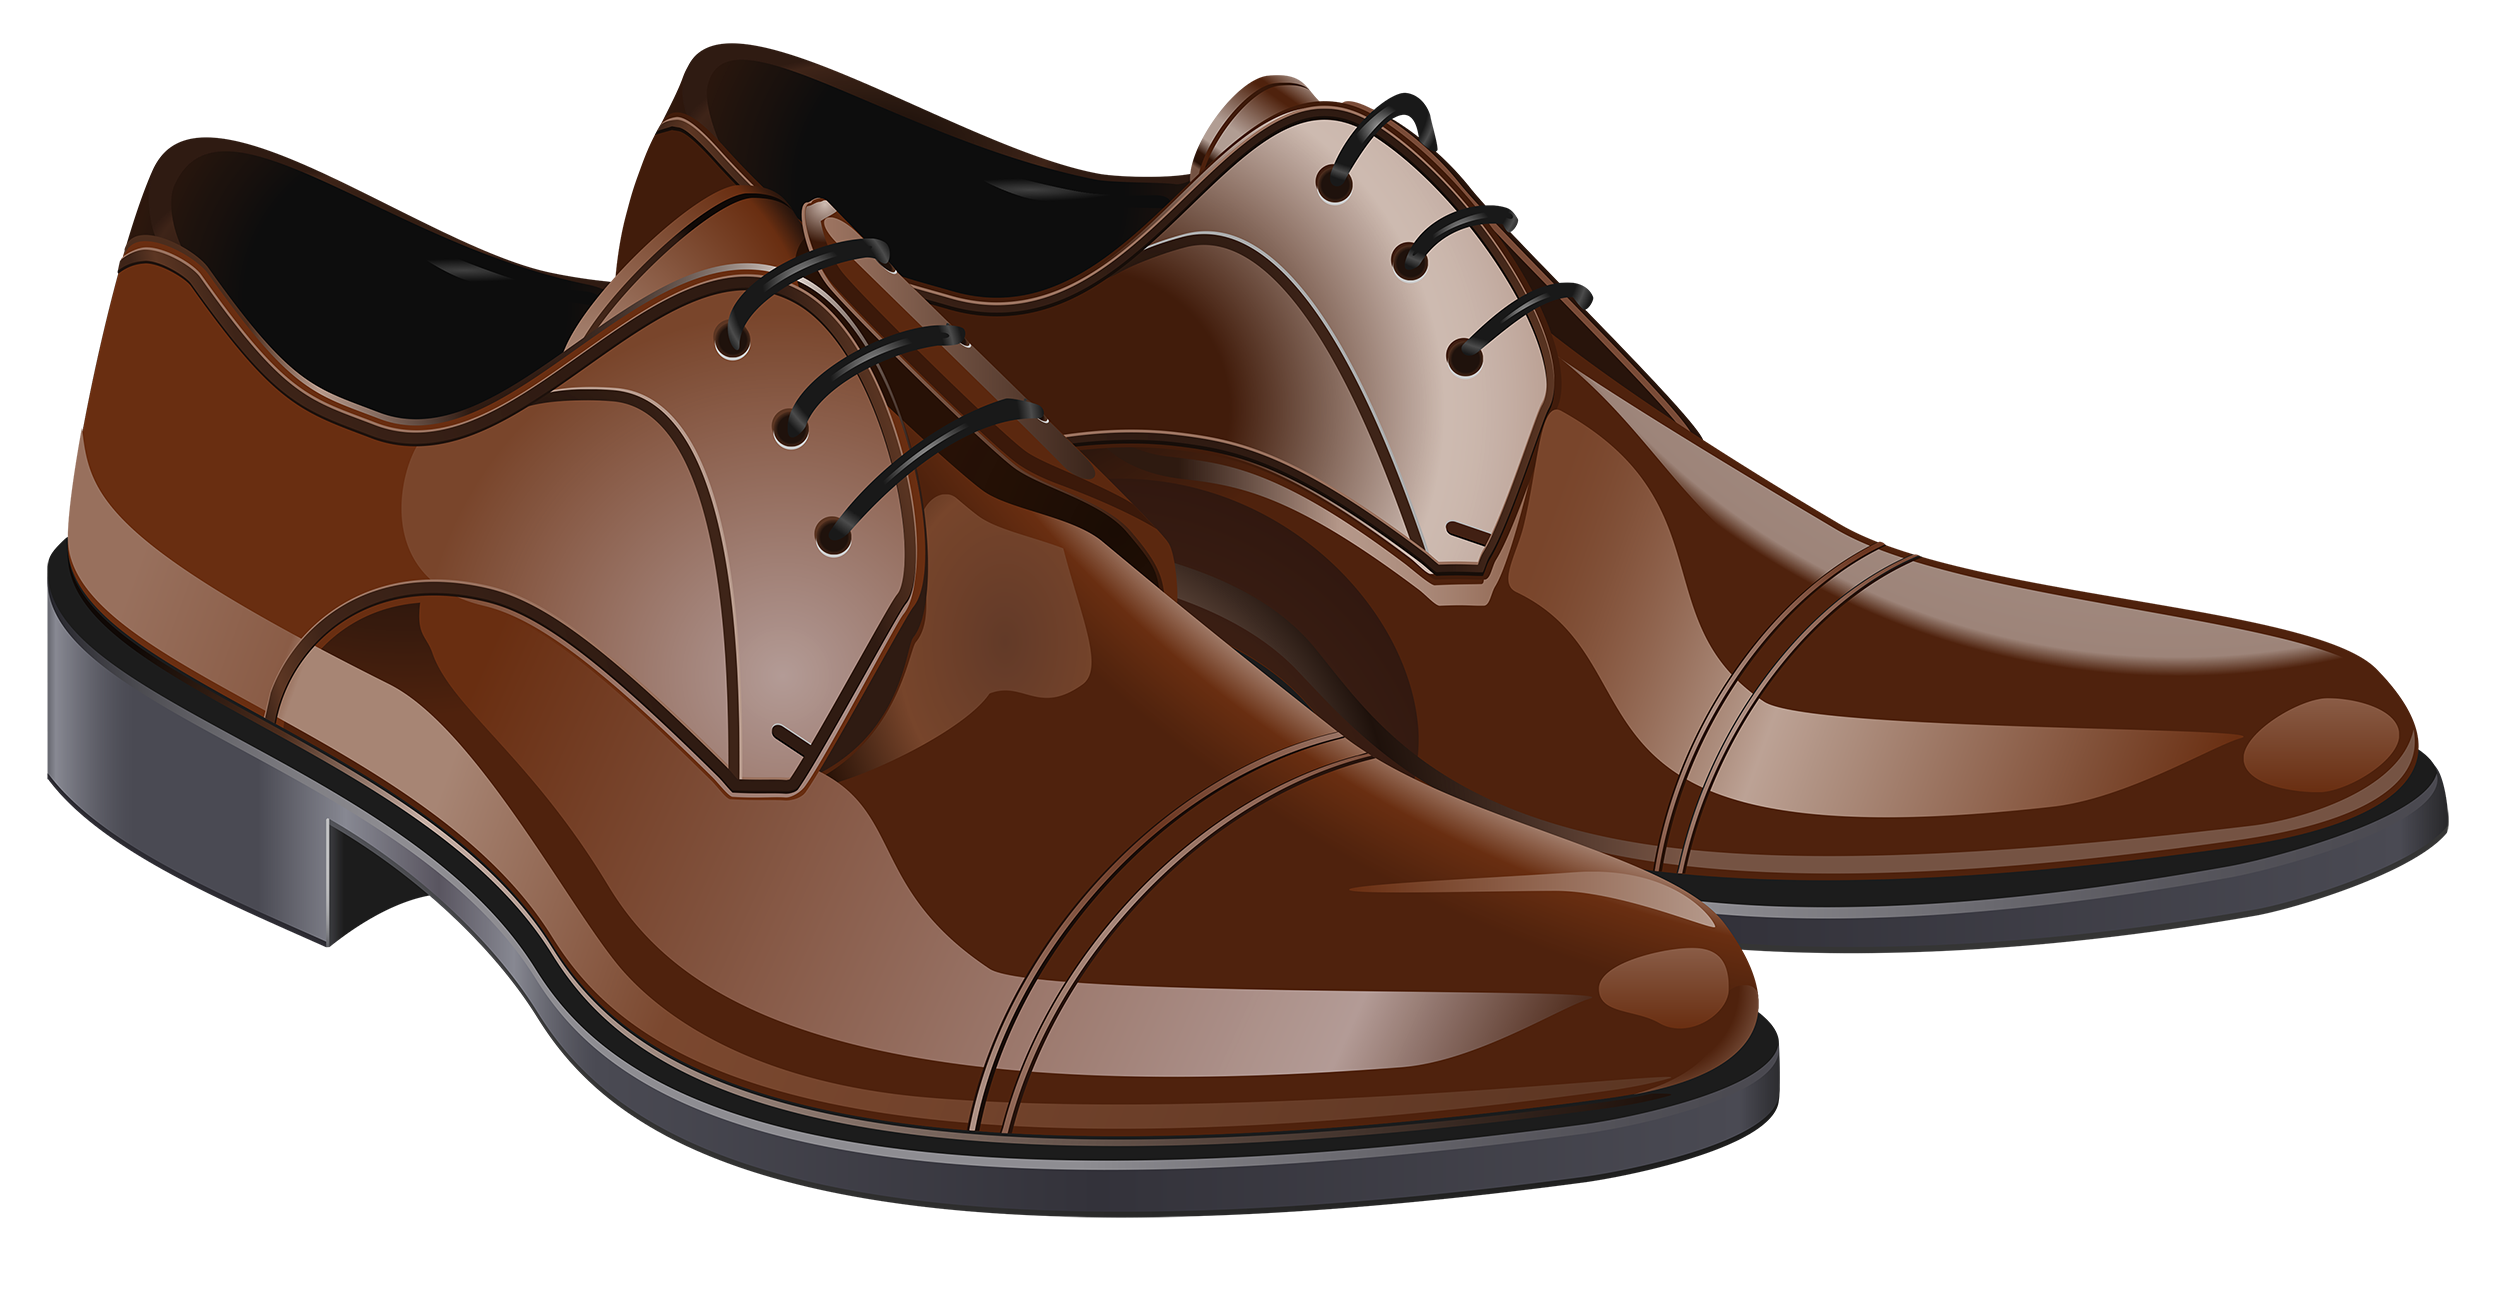 Shoe clipart men's shoe #12